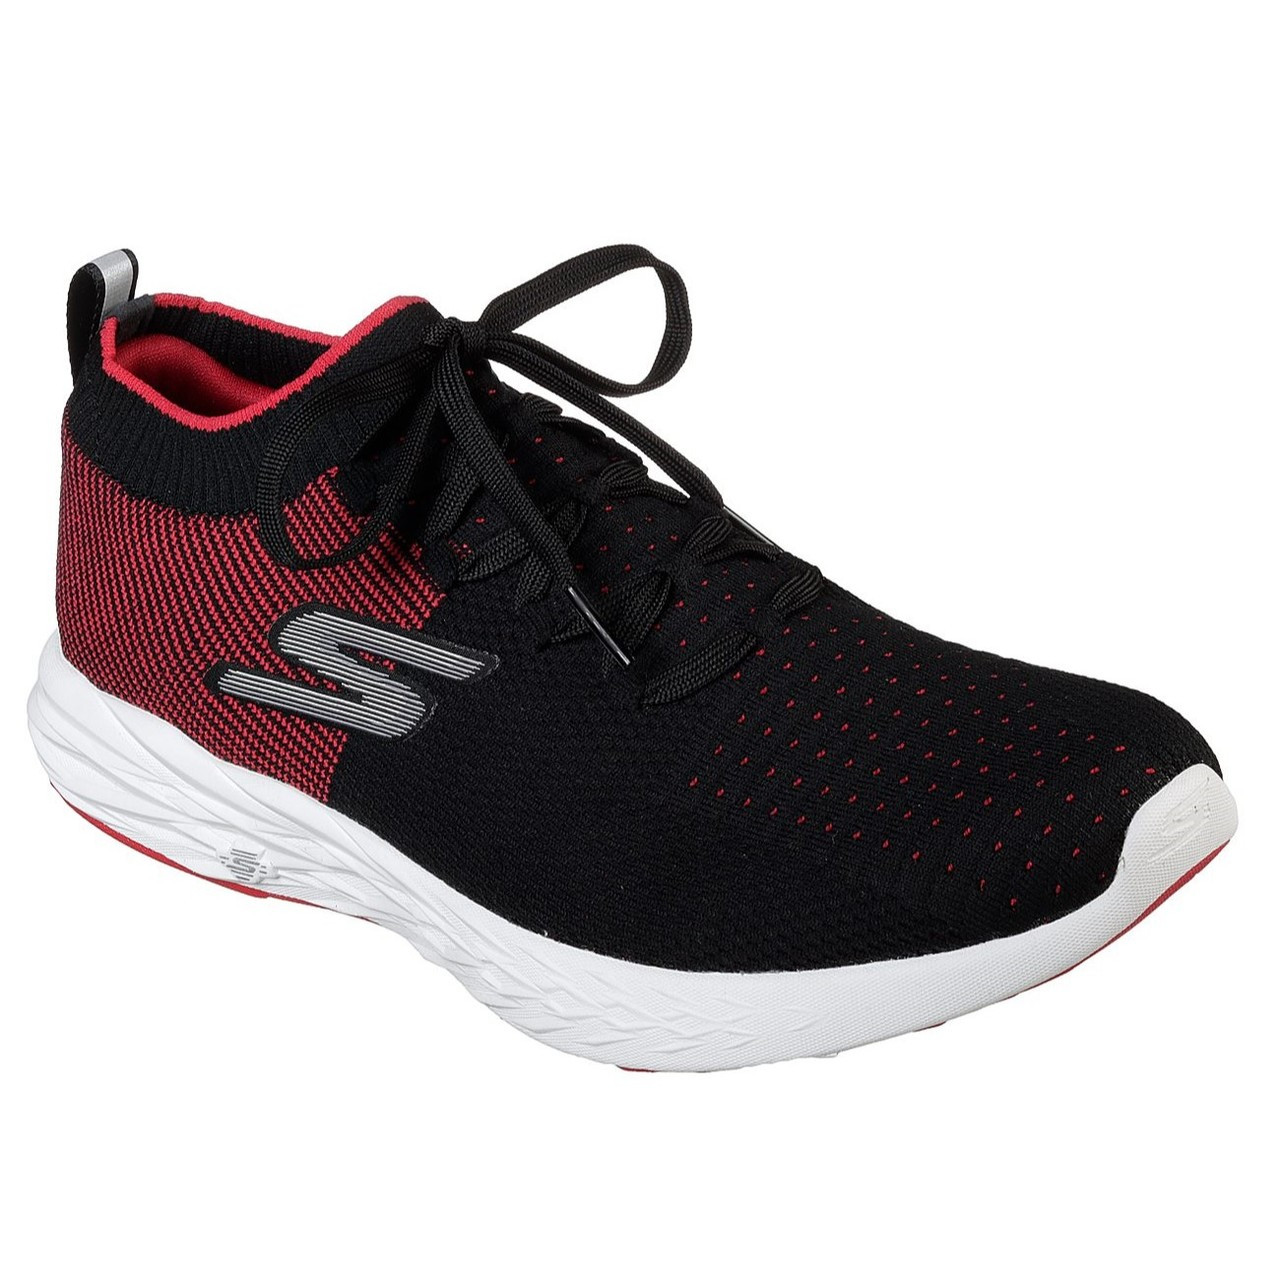 Skechers Men's GOrun 6 Shoe - 2018 price